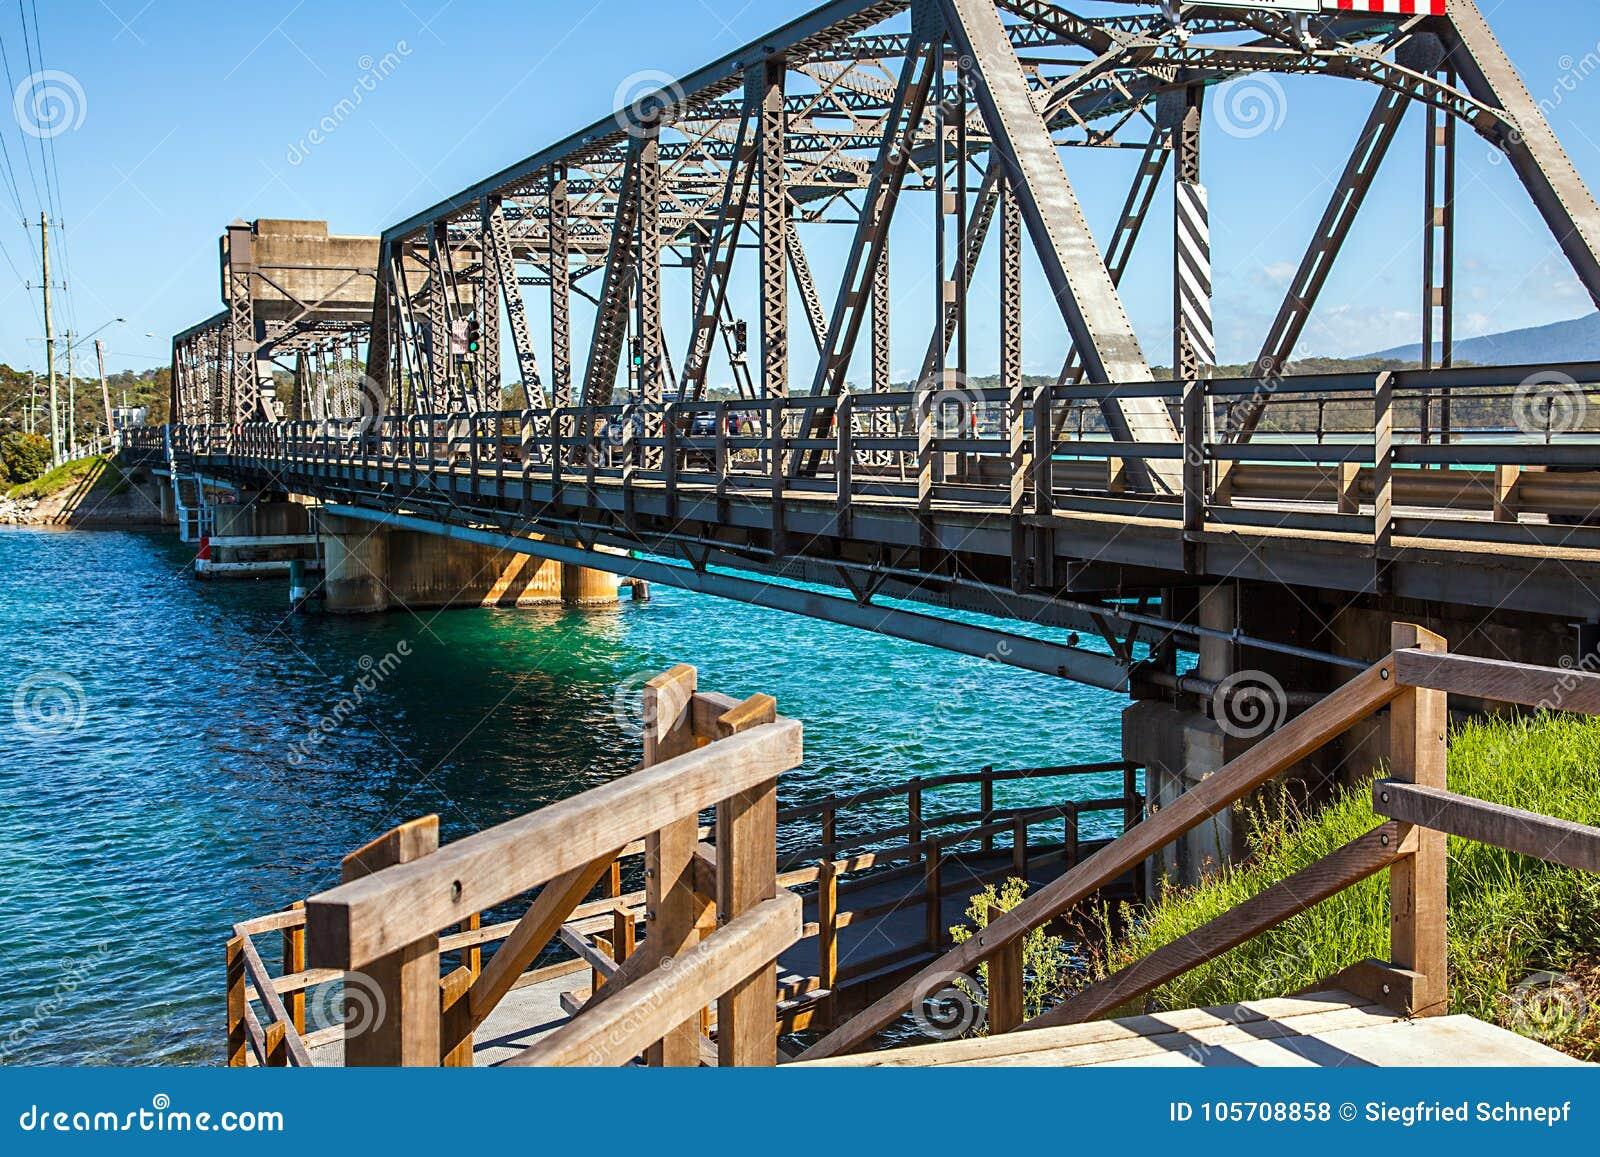 Bridge in Narooma Australia